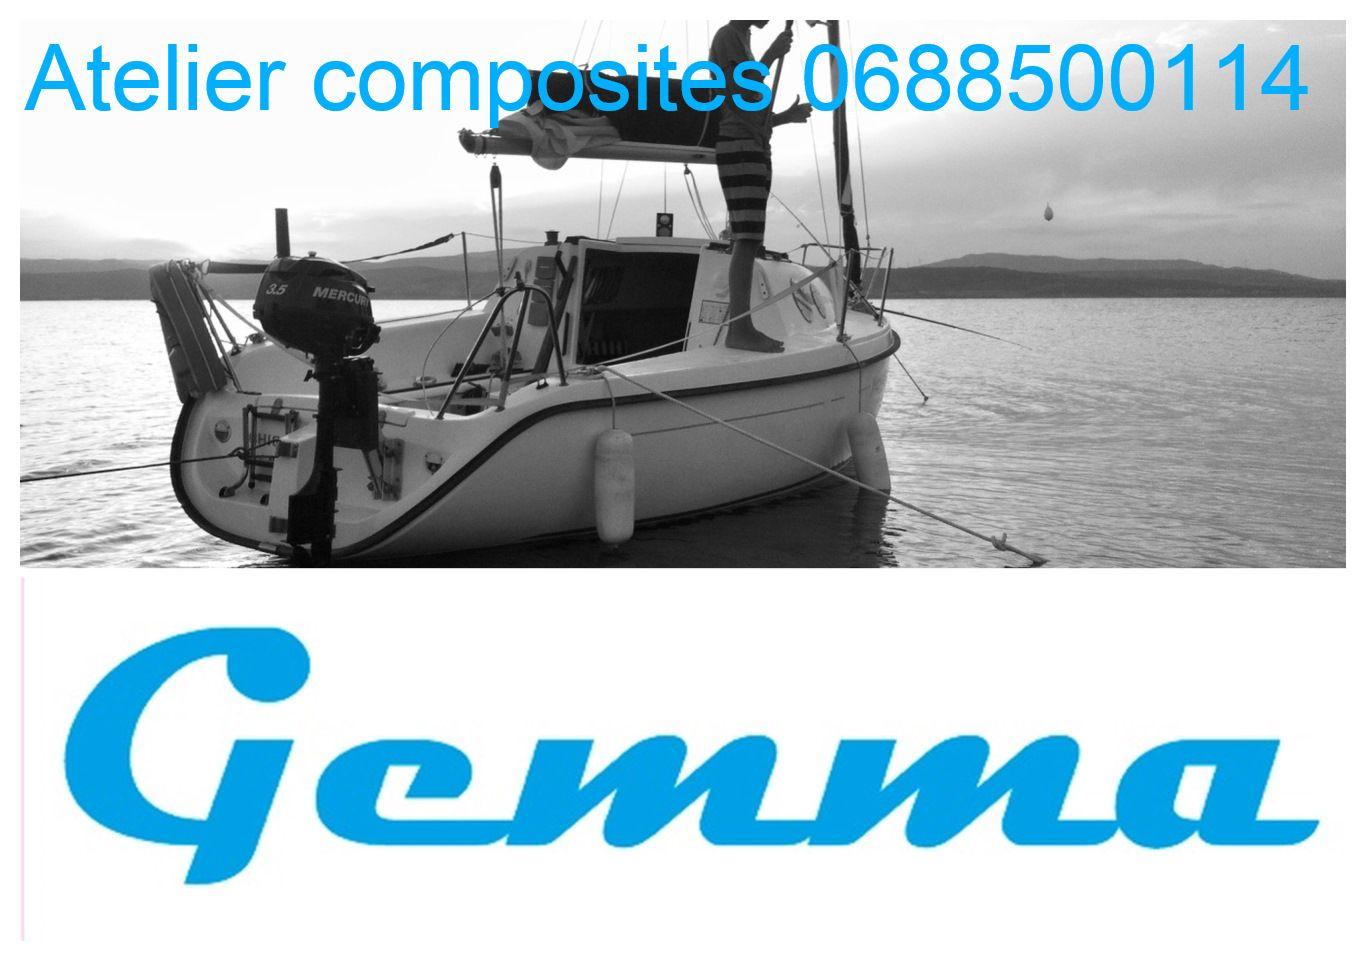 Reparation nautique et r novation perpignan argeles saint cyprien canet en roussillon port - Bus perpignan port leucate ...